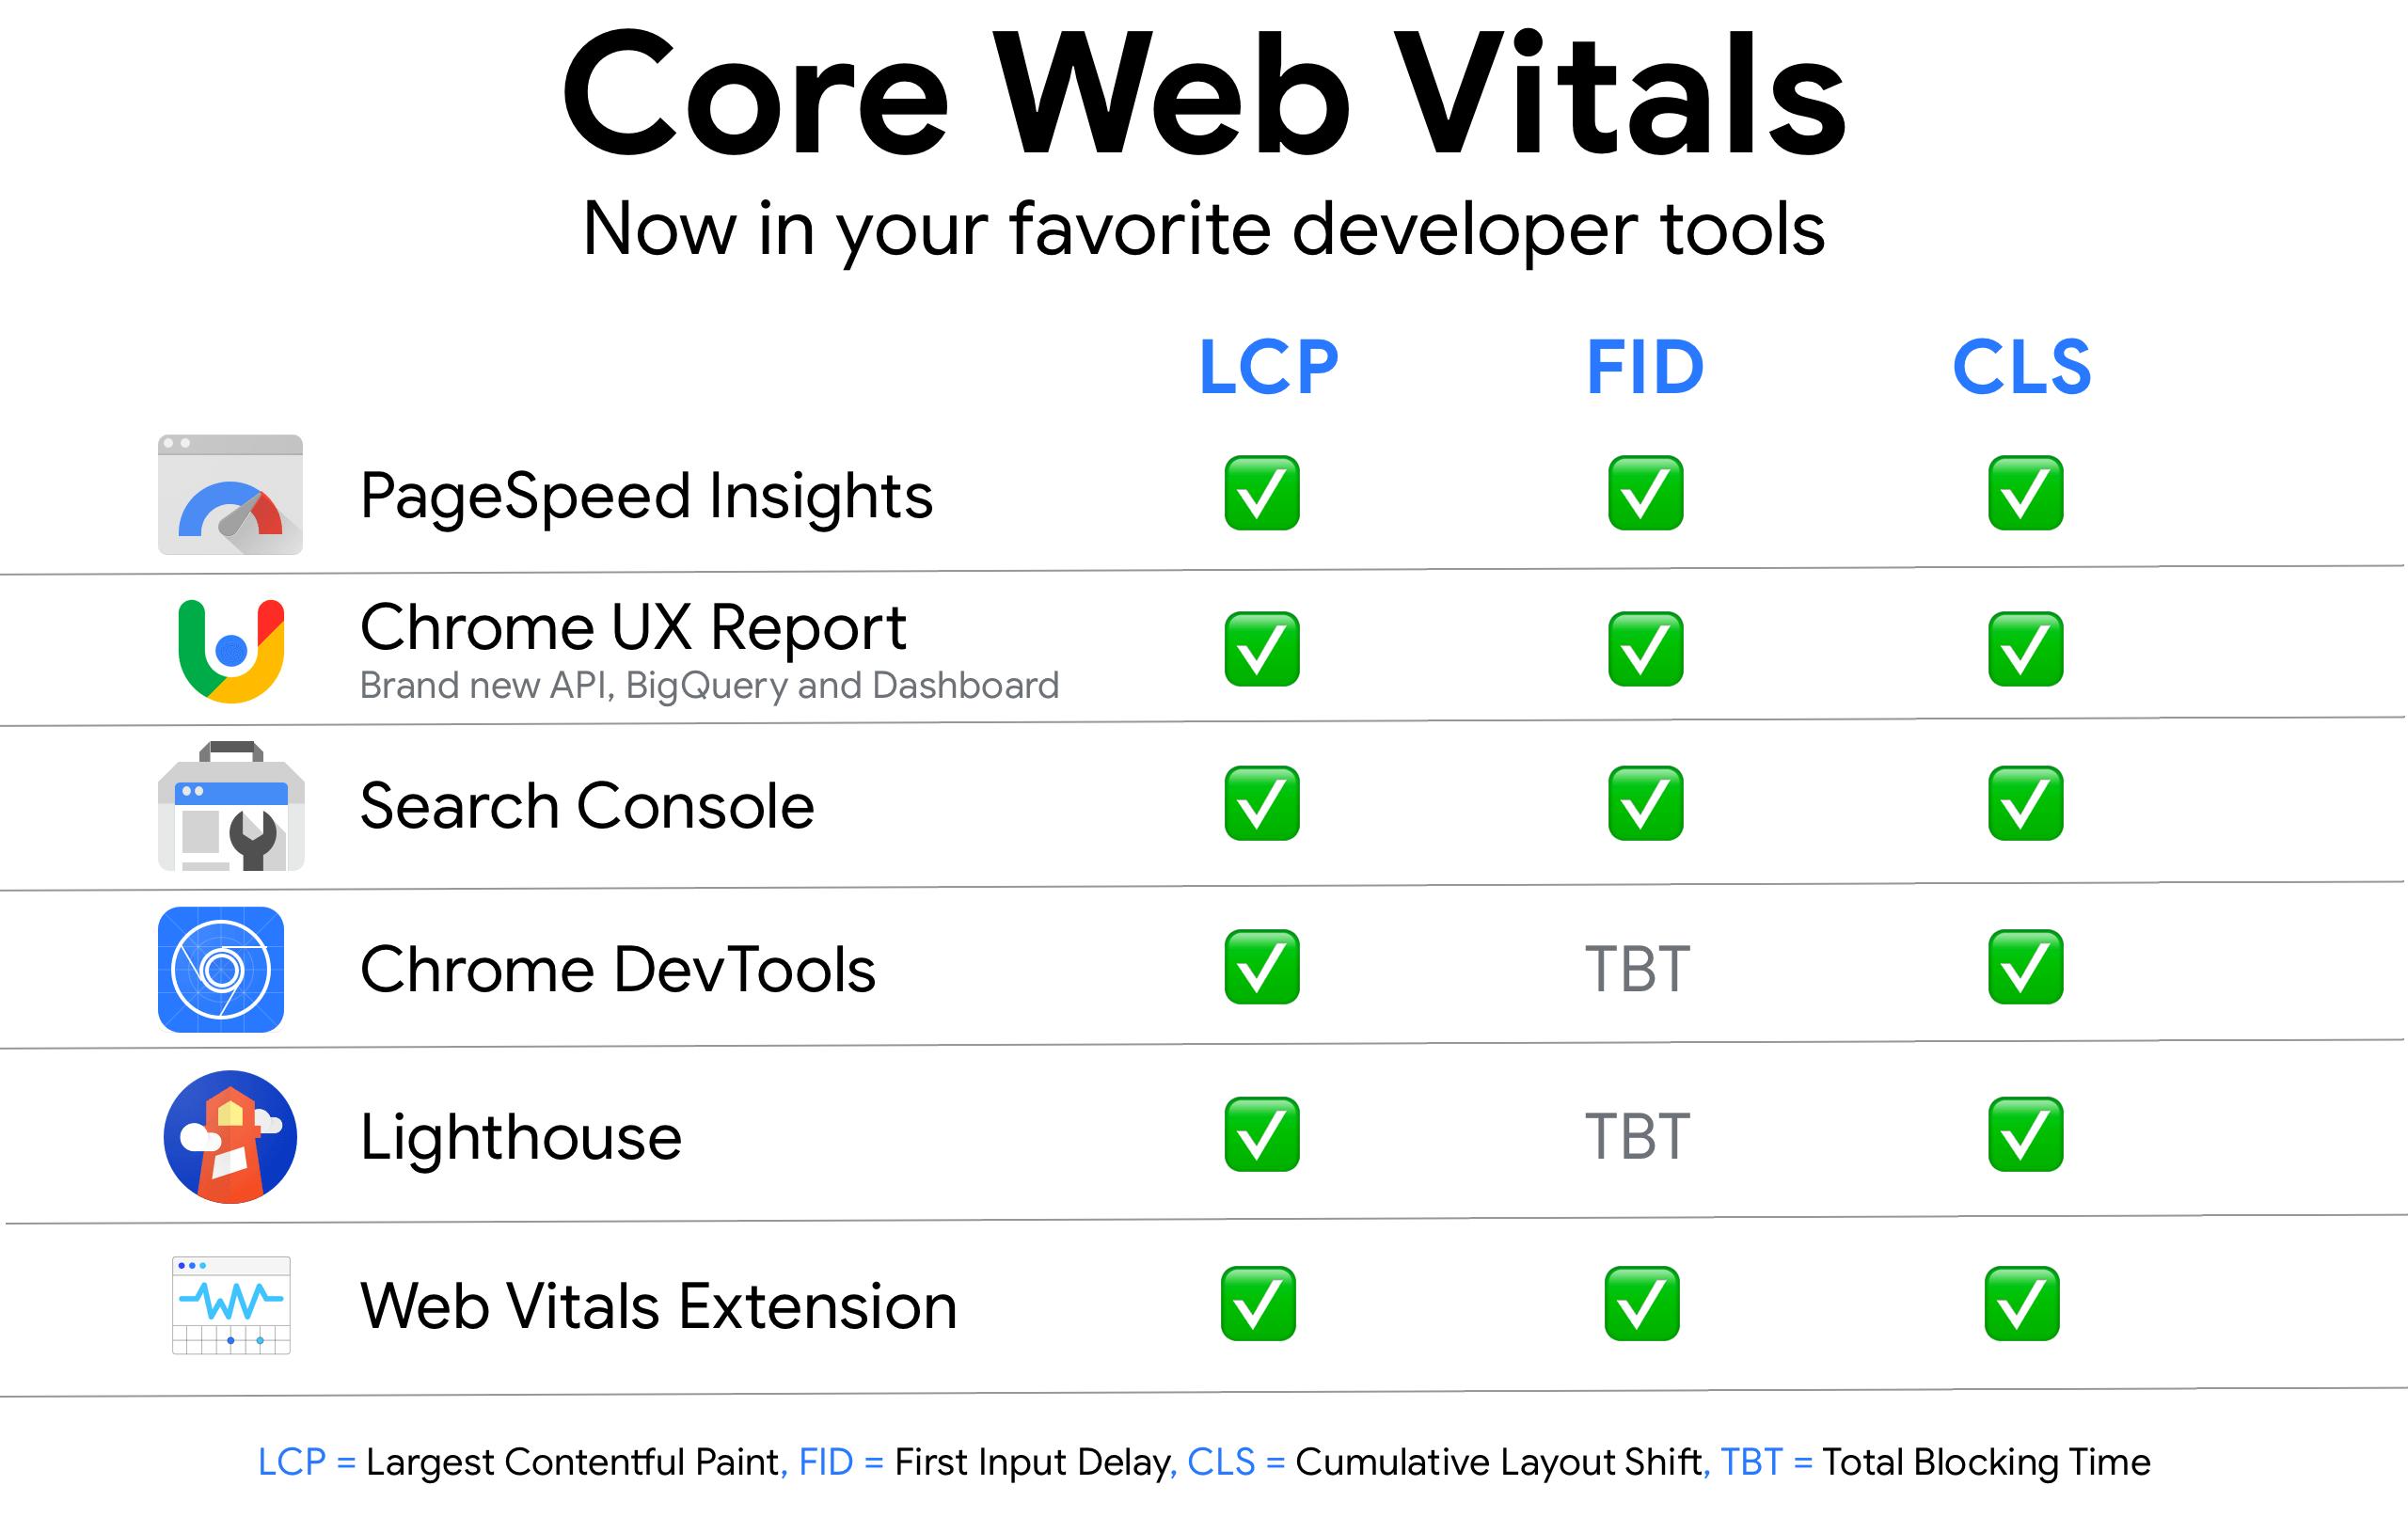 Tools to measure Core Web Vitals